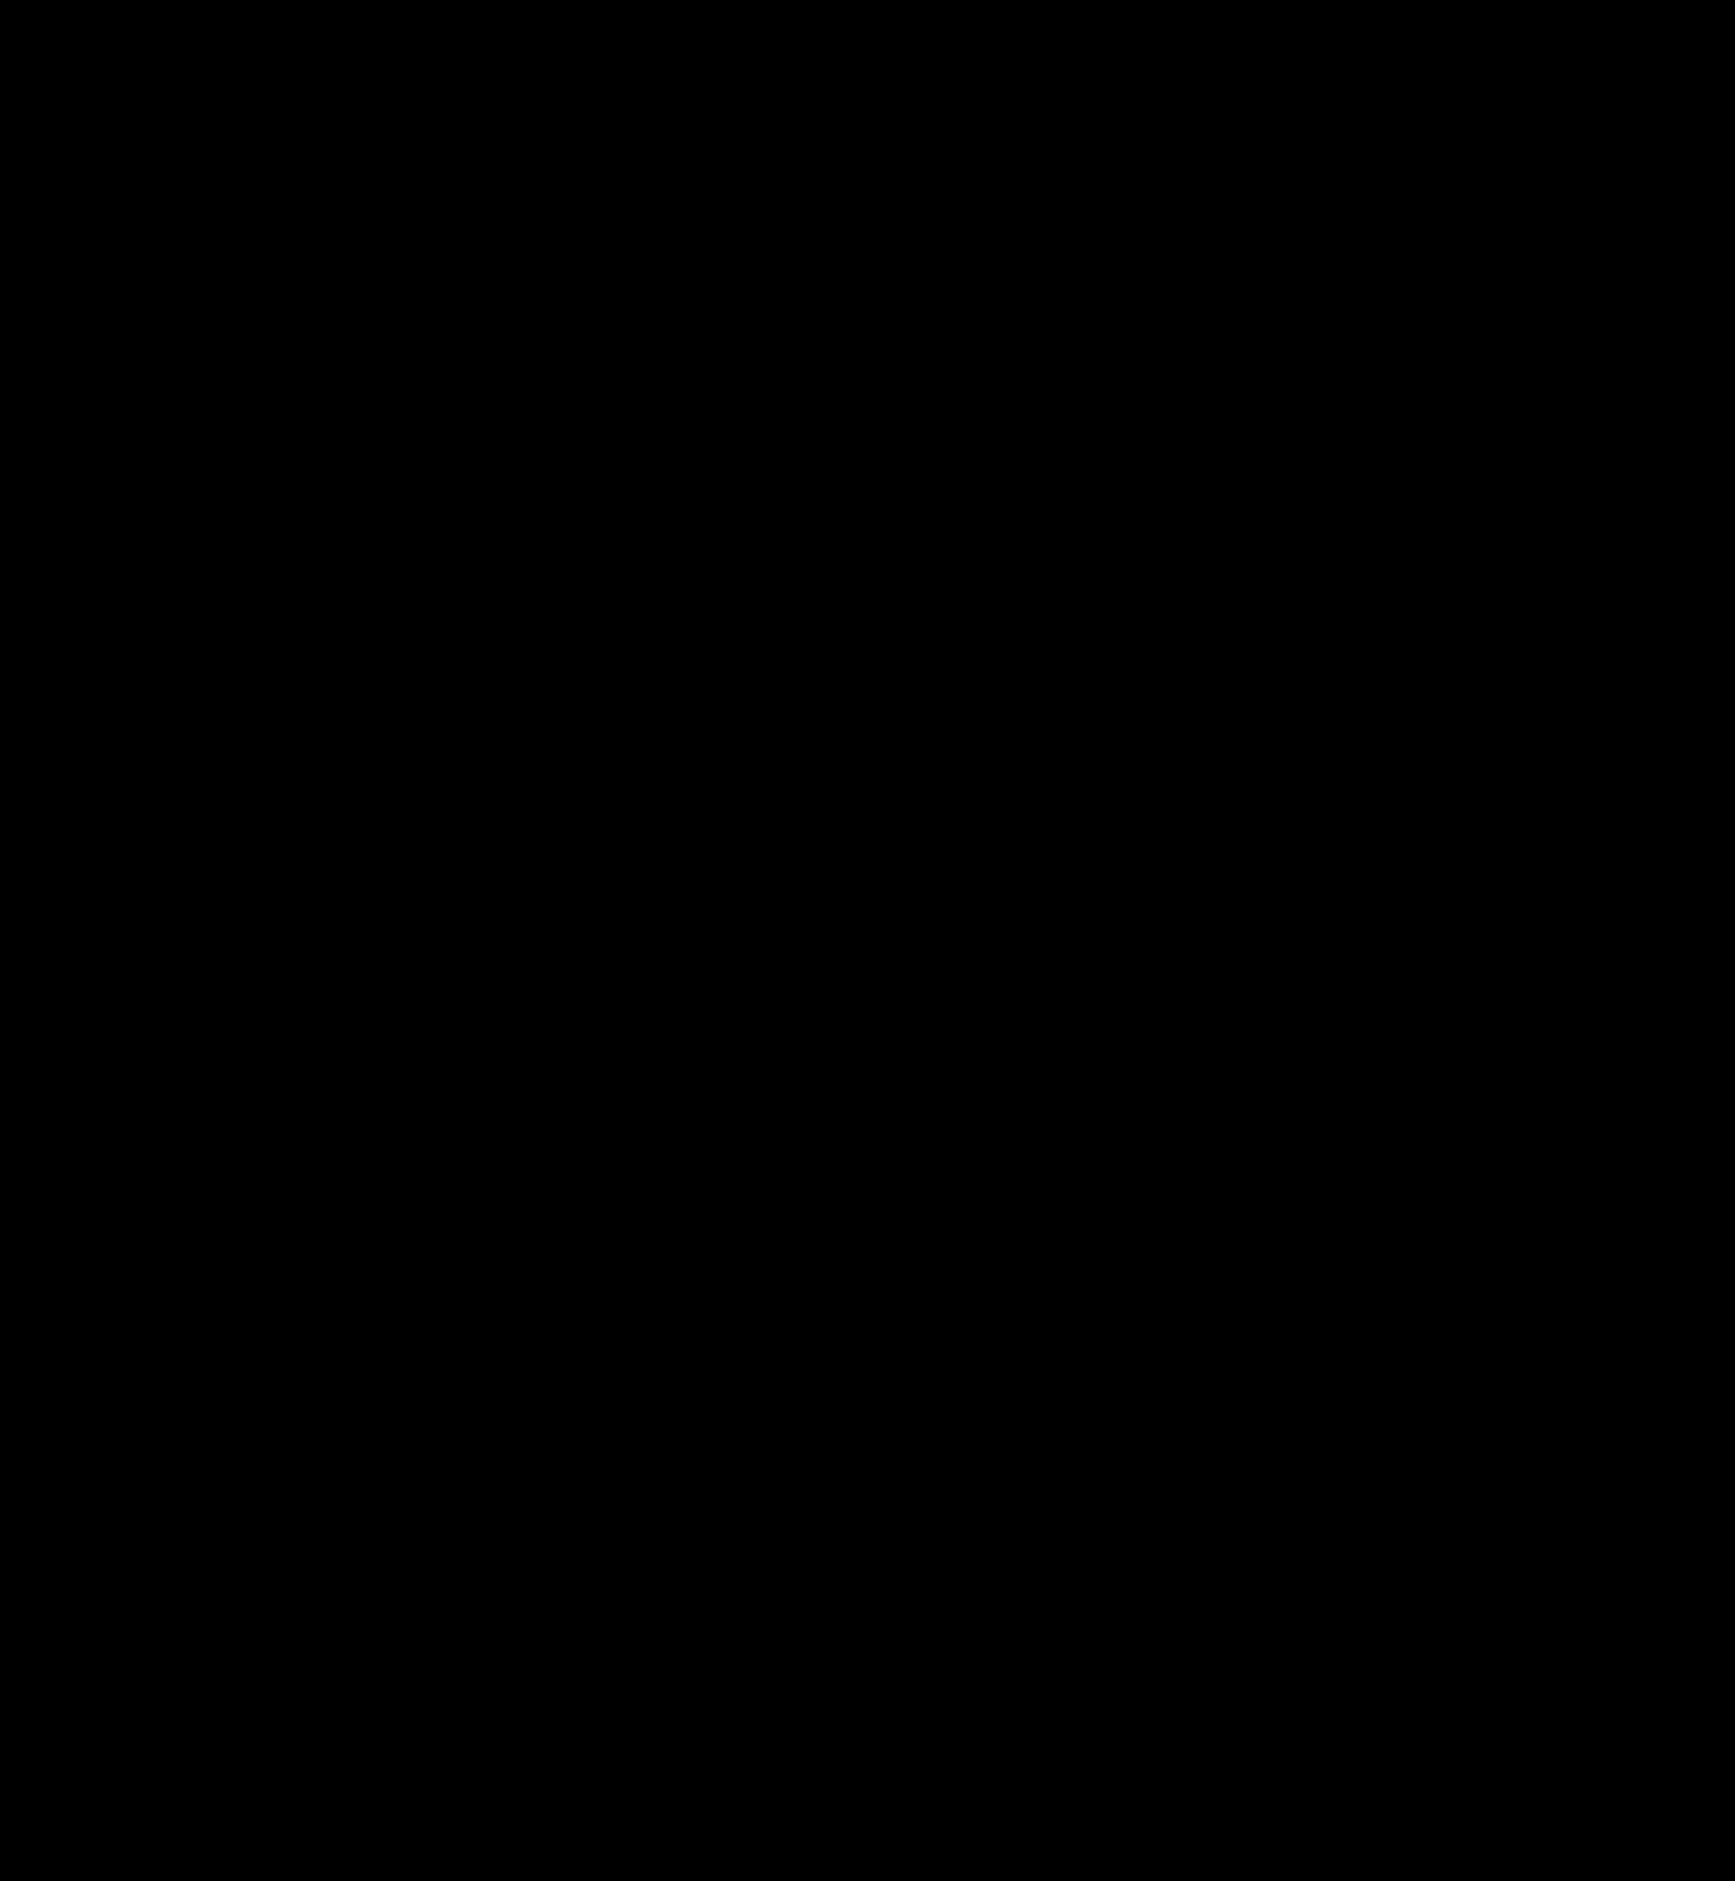 satellite-drawing-3.png